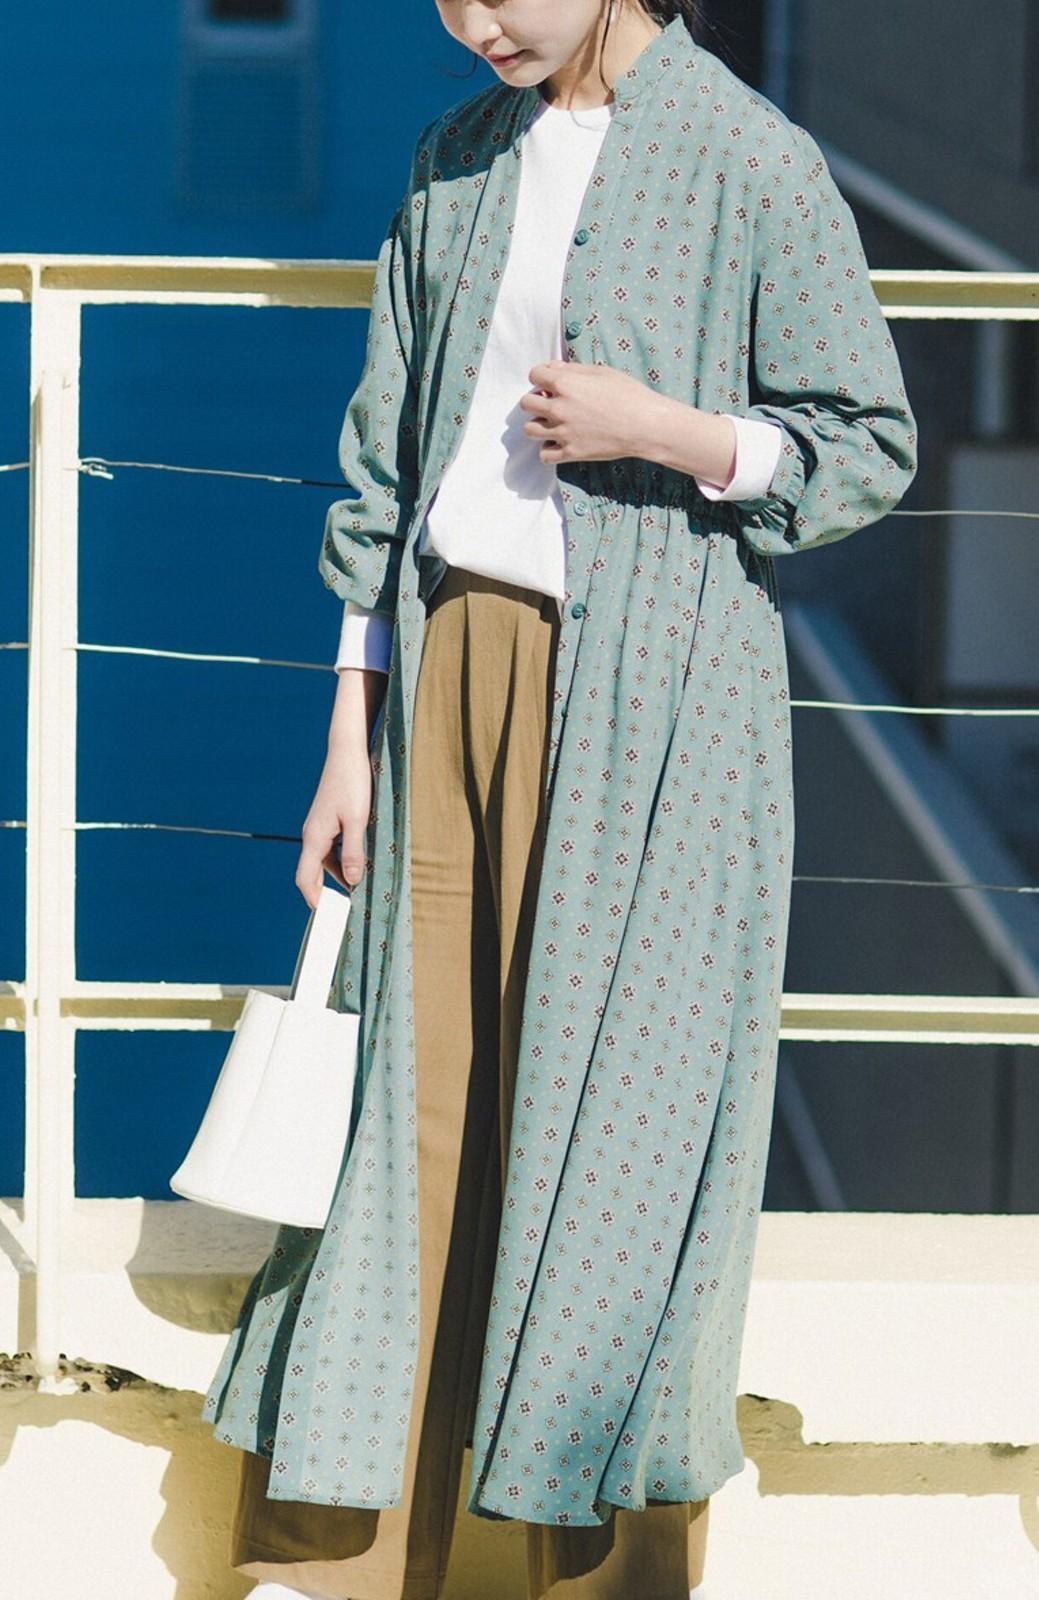 haco! コーデが華やいで気分も上がる 羽織りとしても便利な大人の雰囲気漂う小紋柄風ワンピース <ブルー>の商品写真20